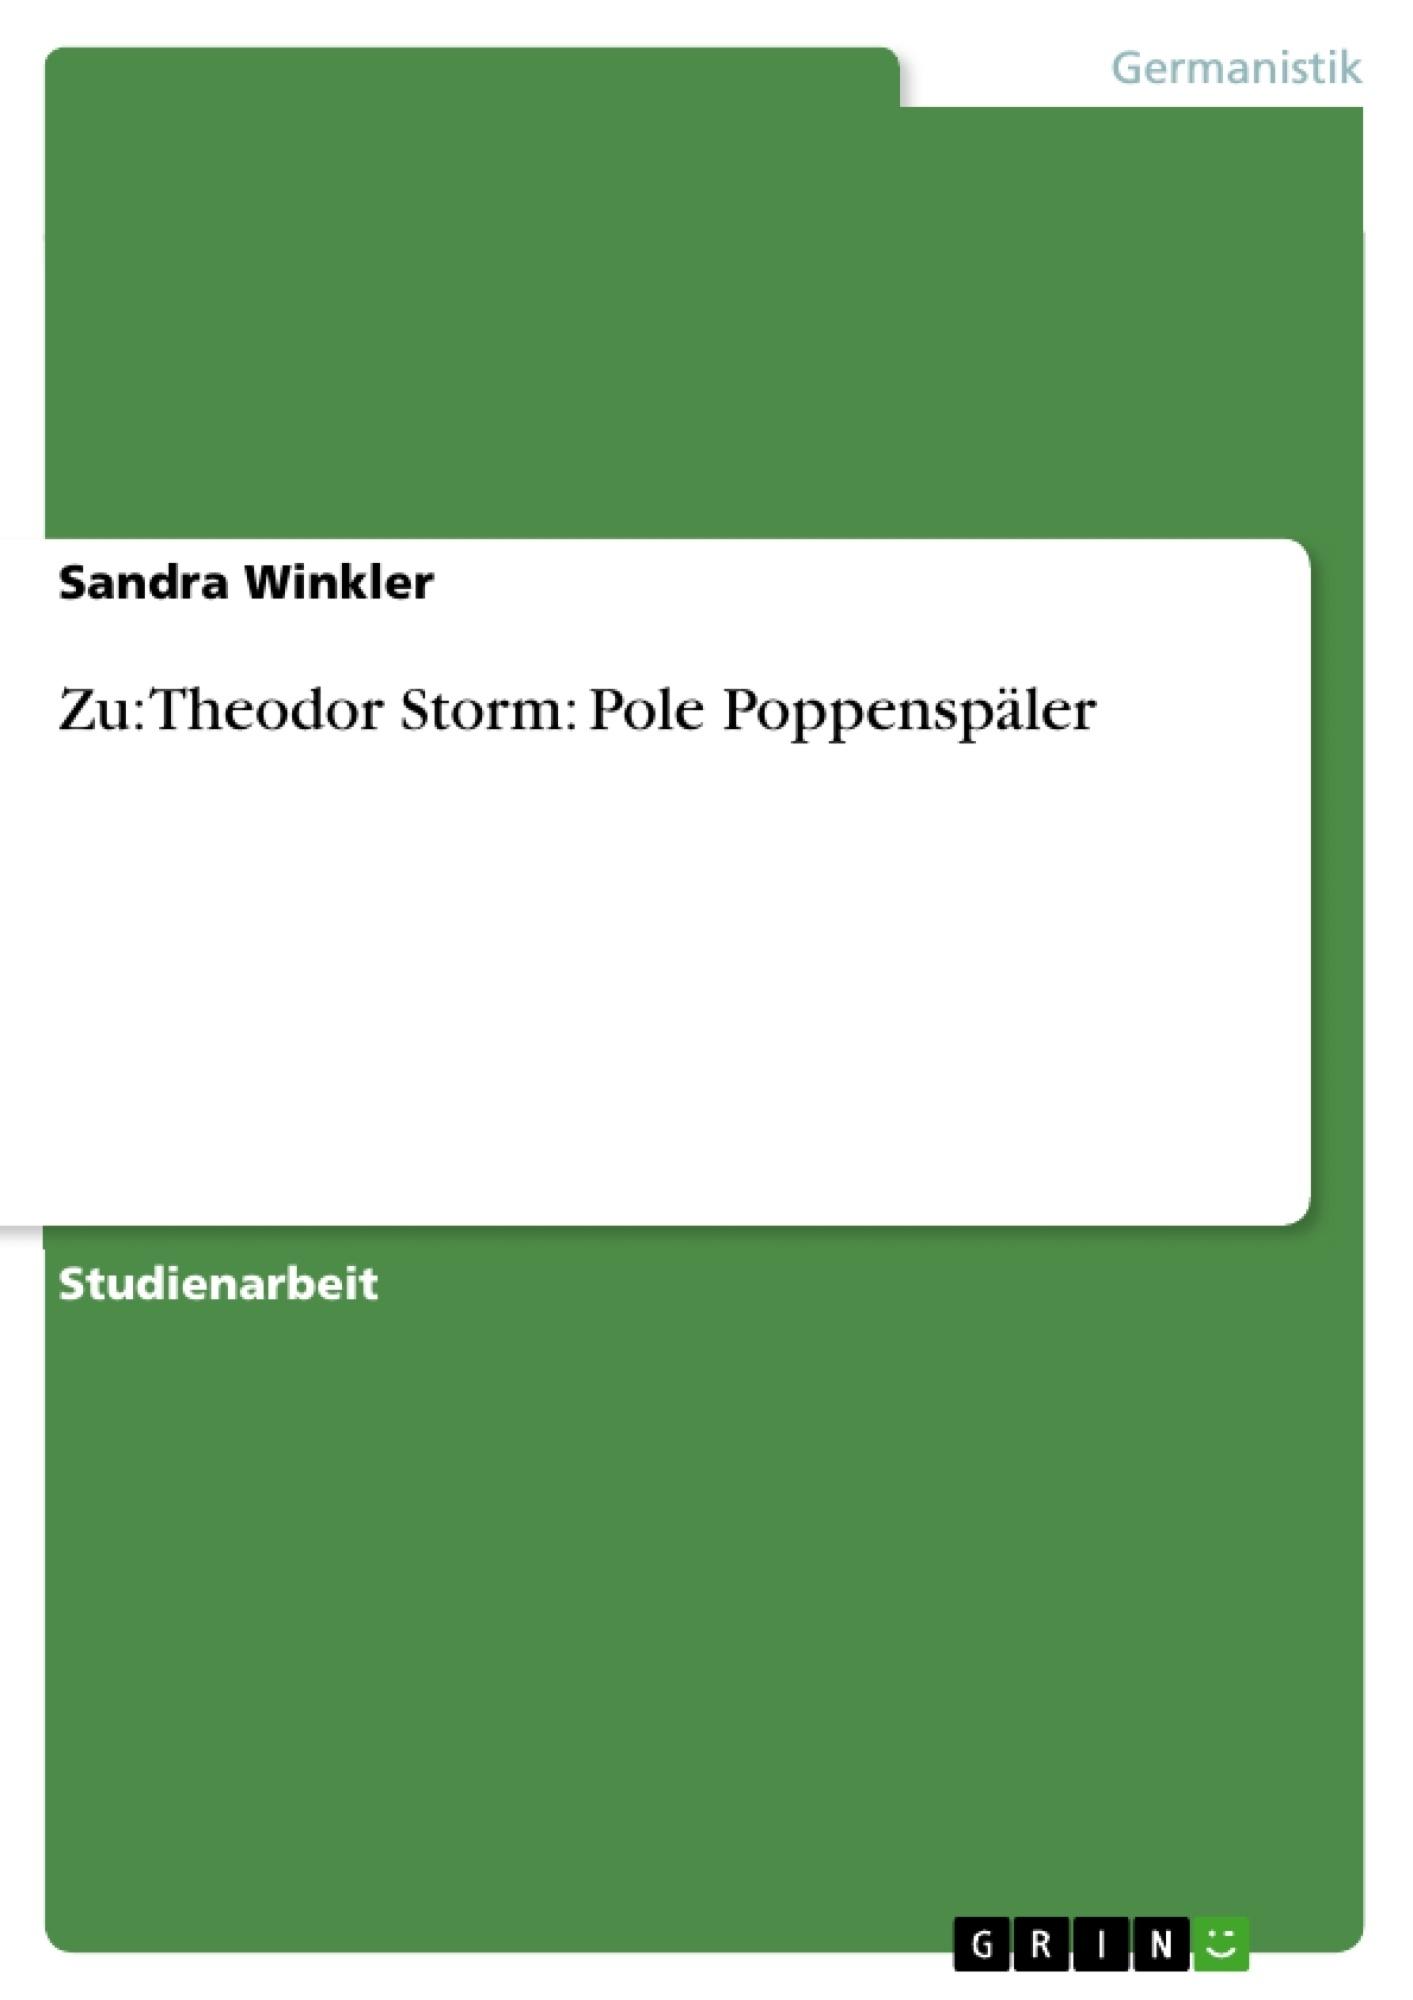 Titel: Zu: Theodor Storm: Pole Poppenspäler